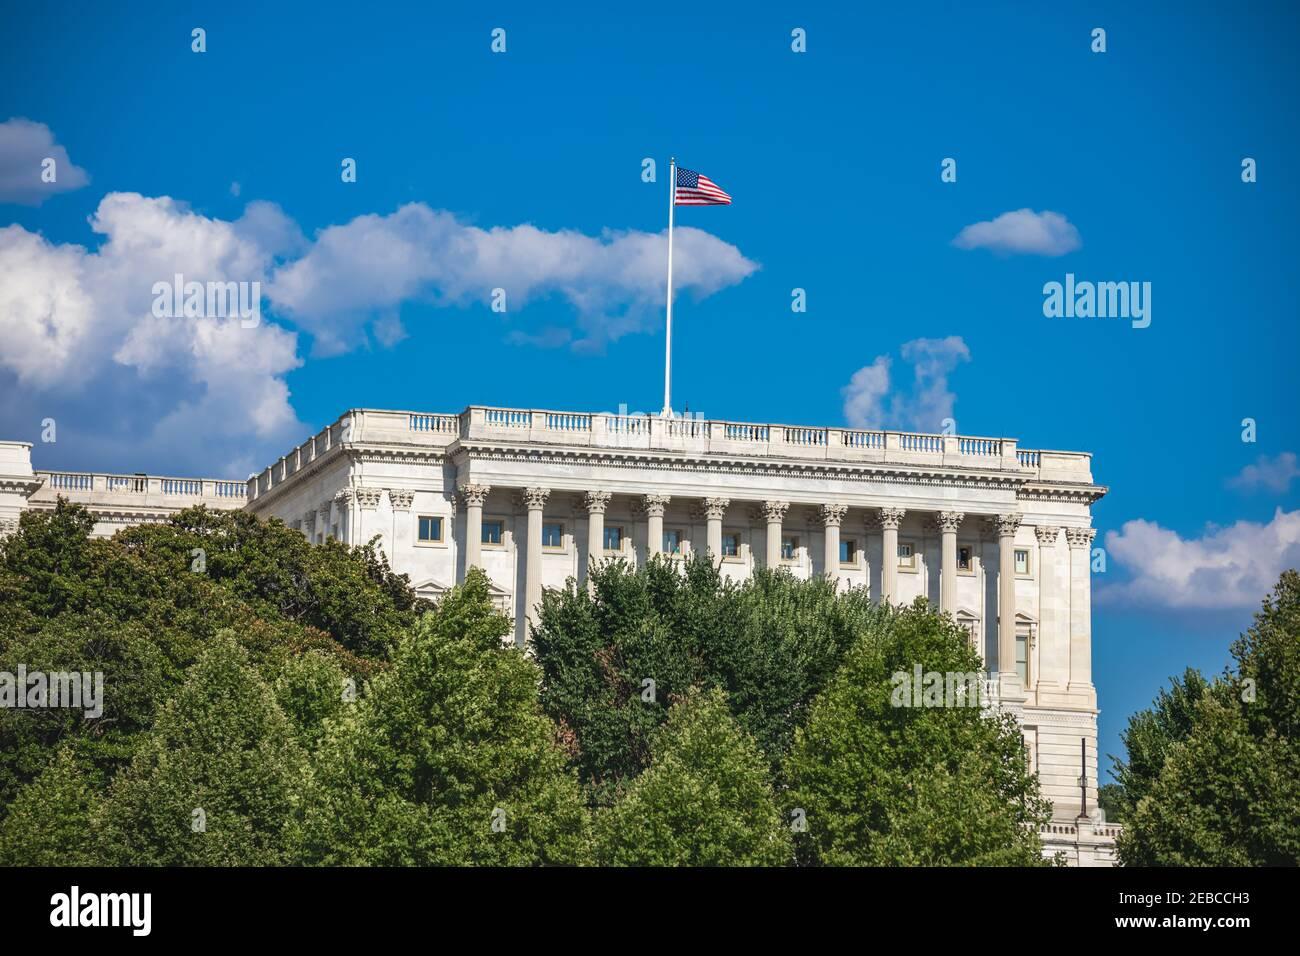 Extérieur de la Chambre des représentants du bâtiment du Capitole des États-Unis à Washington, DC avec un drapeau américain volant Banque D'Images